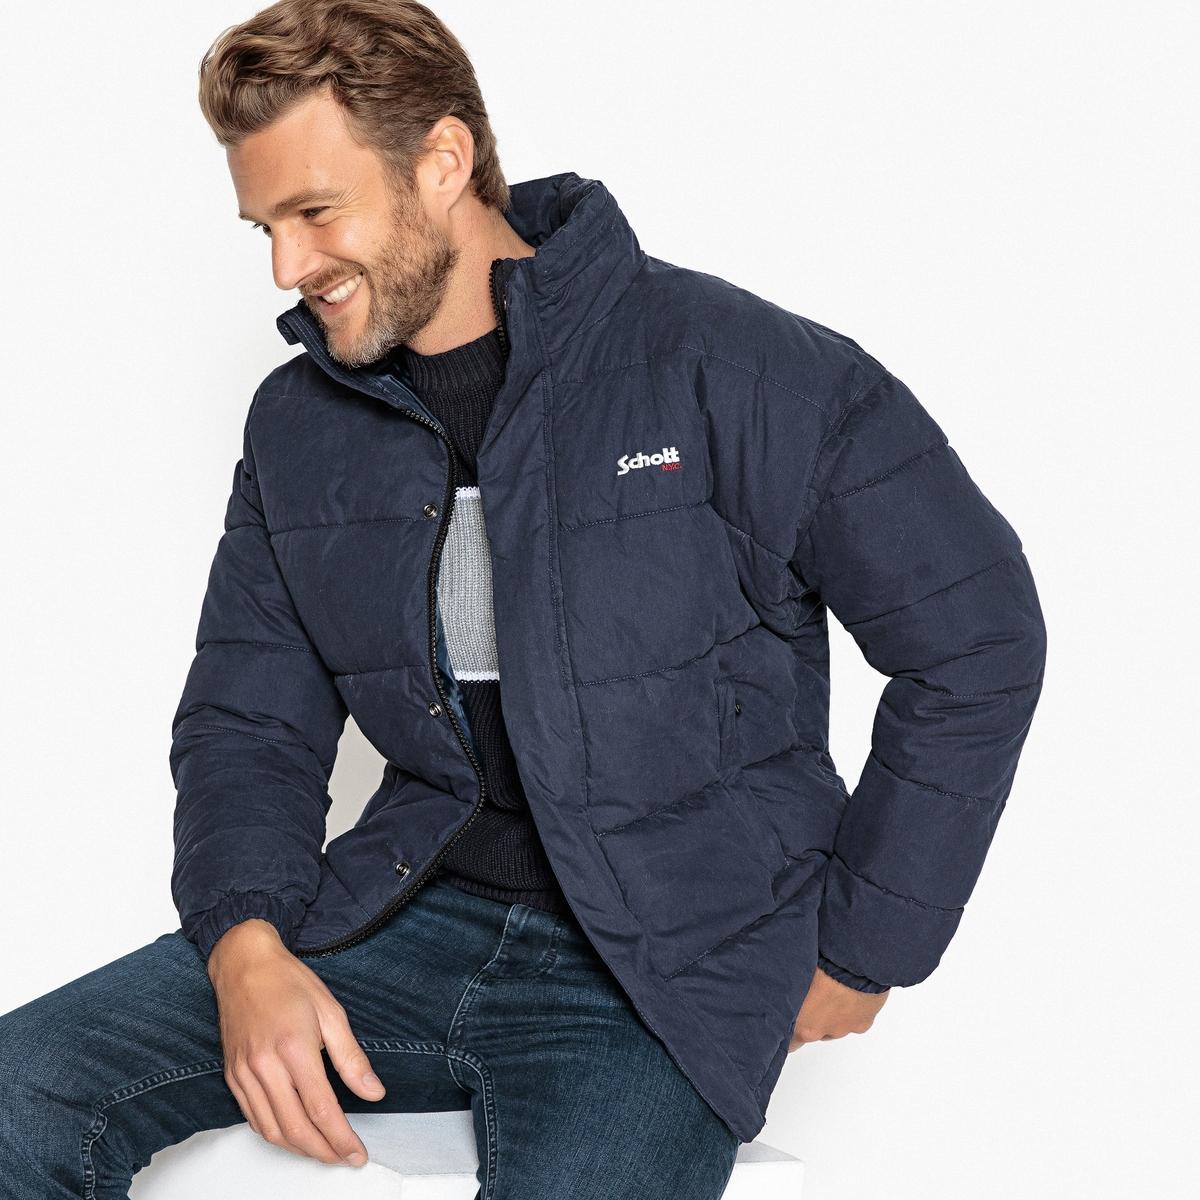 Куртка стеганая короткая NEBRASKA с воротником-стойкой на молнии куртка стеганая короткая с леопардовым принтом